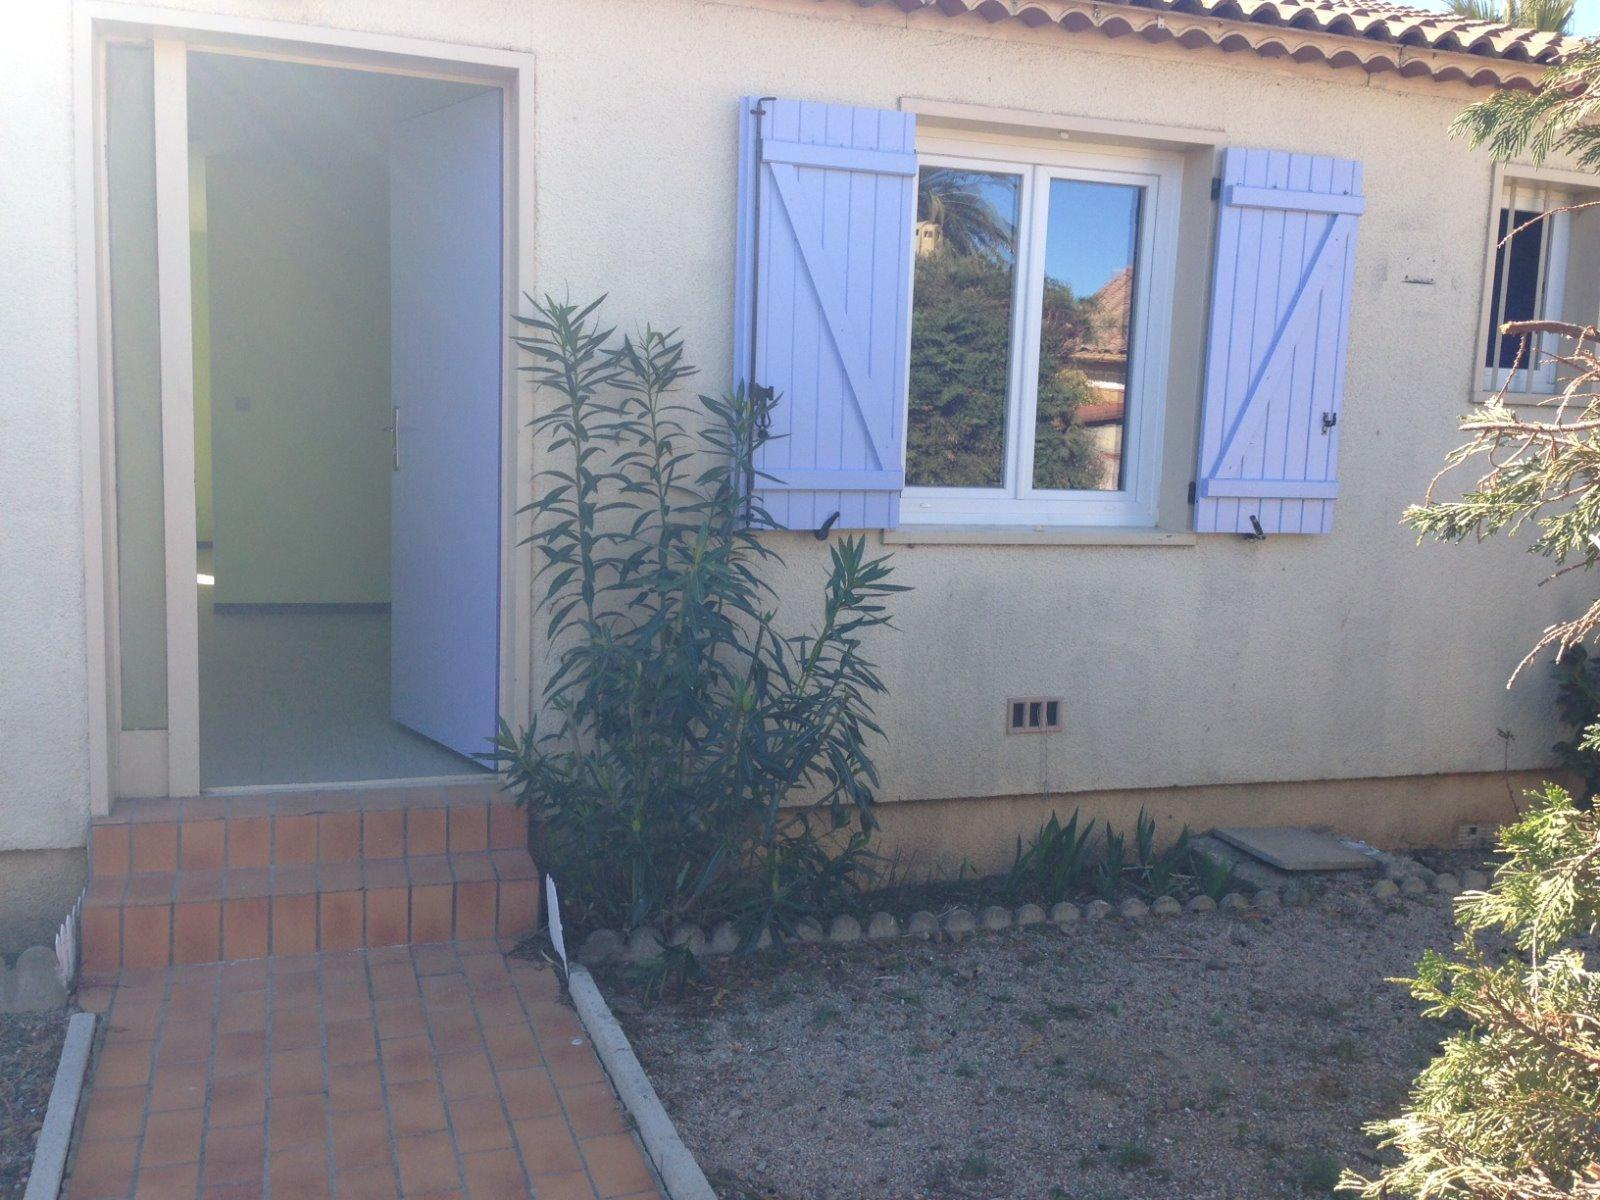 location perpignan appartements maisons et villas louer perpignan et sa r gion. Black Bedroom Furniture Sets. Home Design Ideas